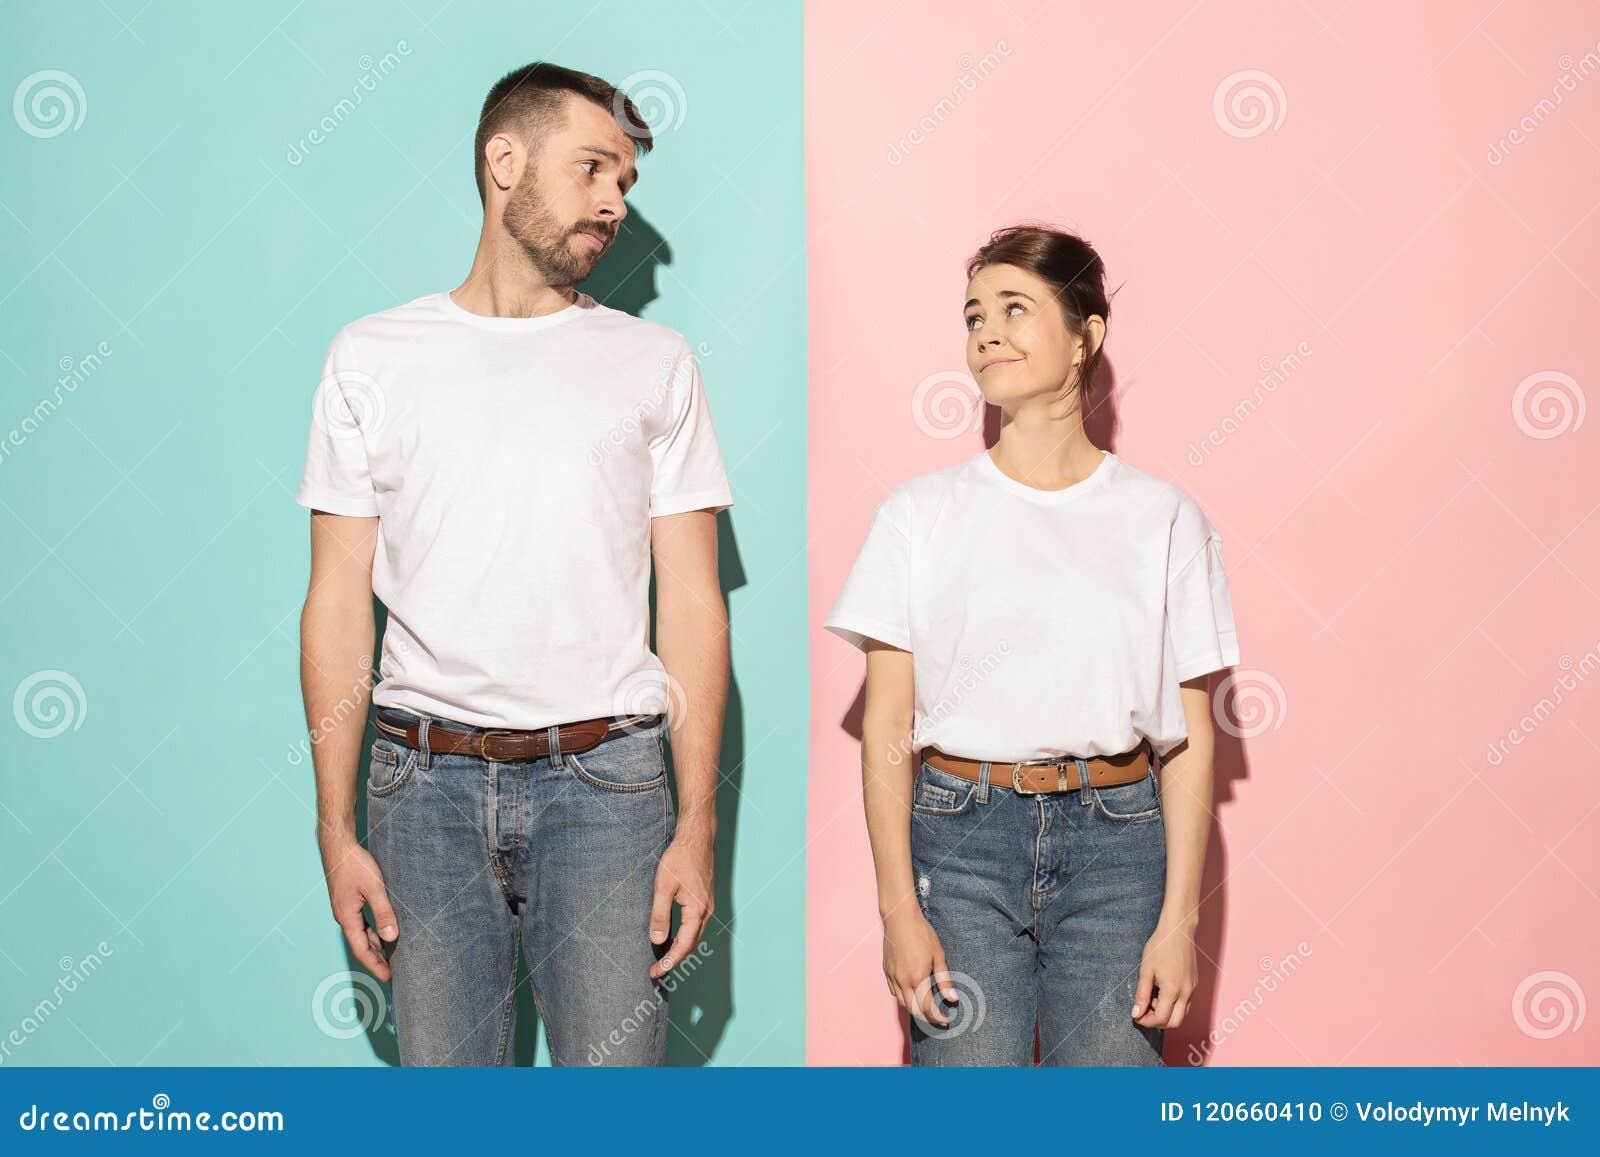 Laat me denken Twijfelachtig peinzend paar met nadenkende uitdrukking die keus maken tegen roze achtergrond